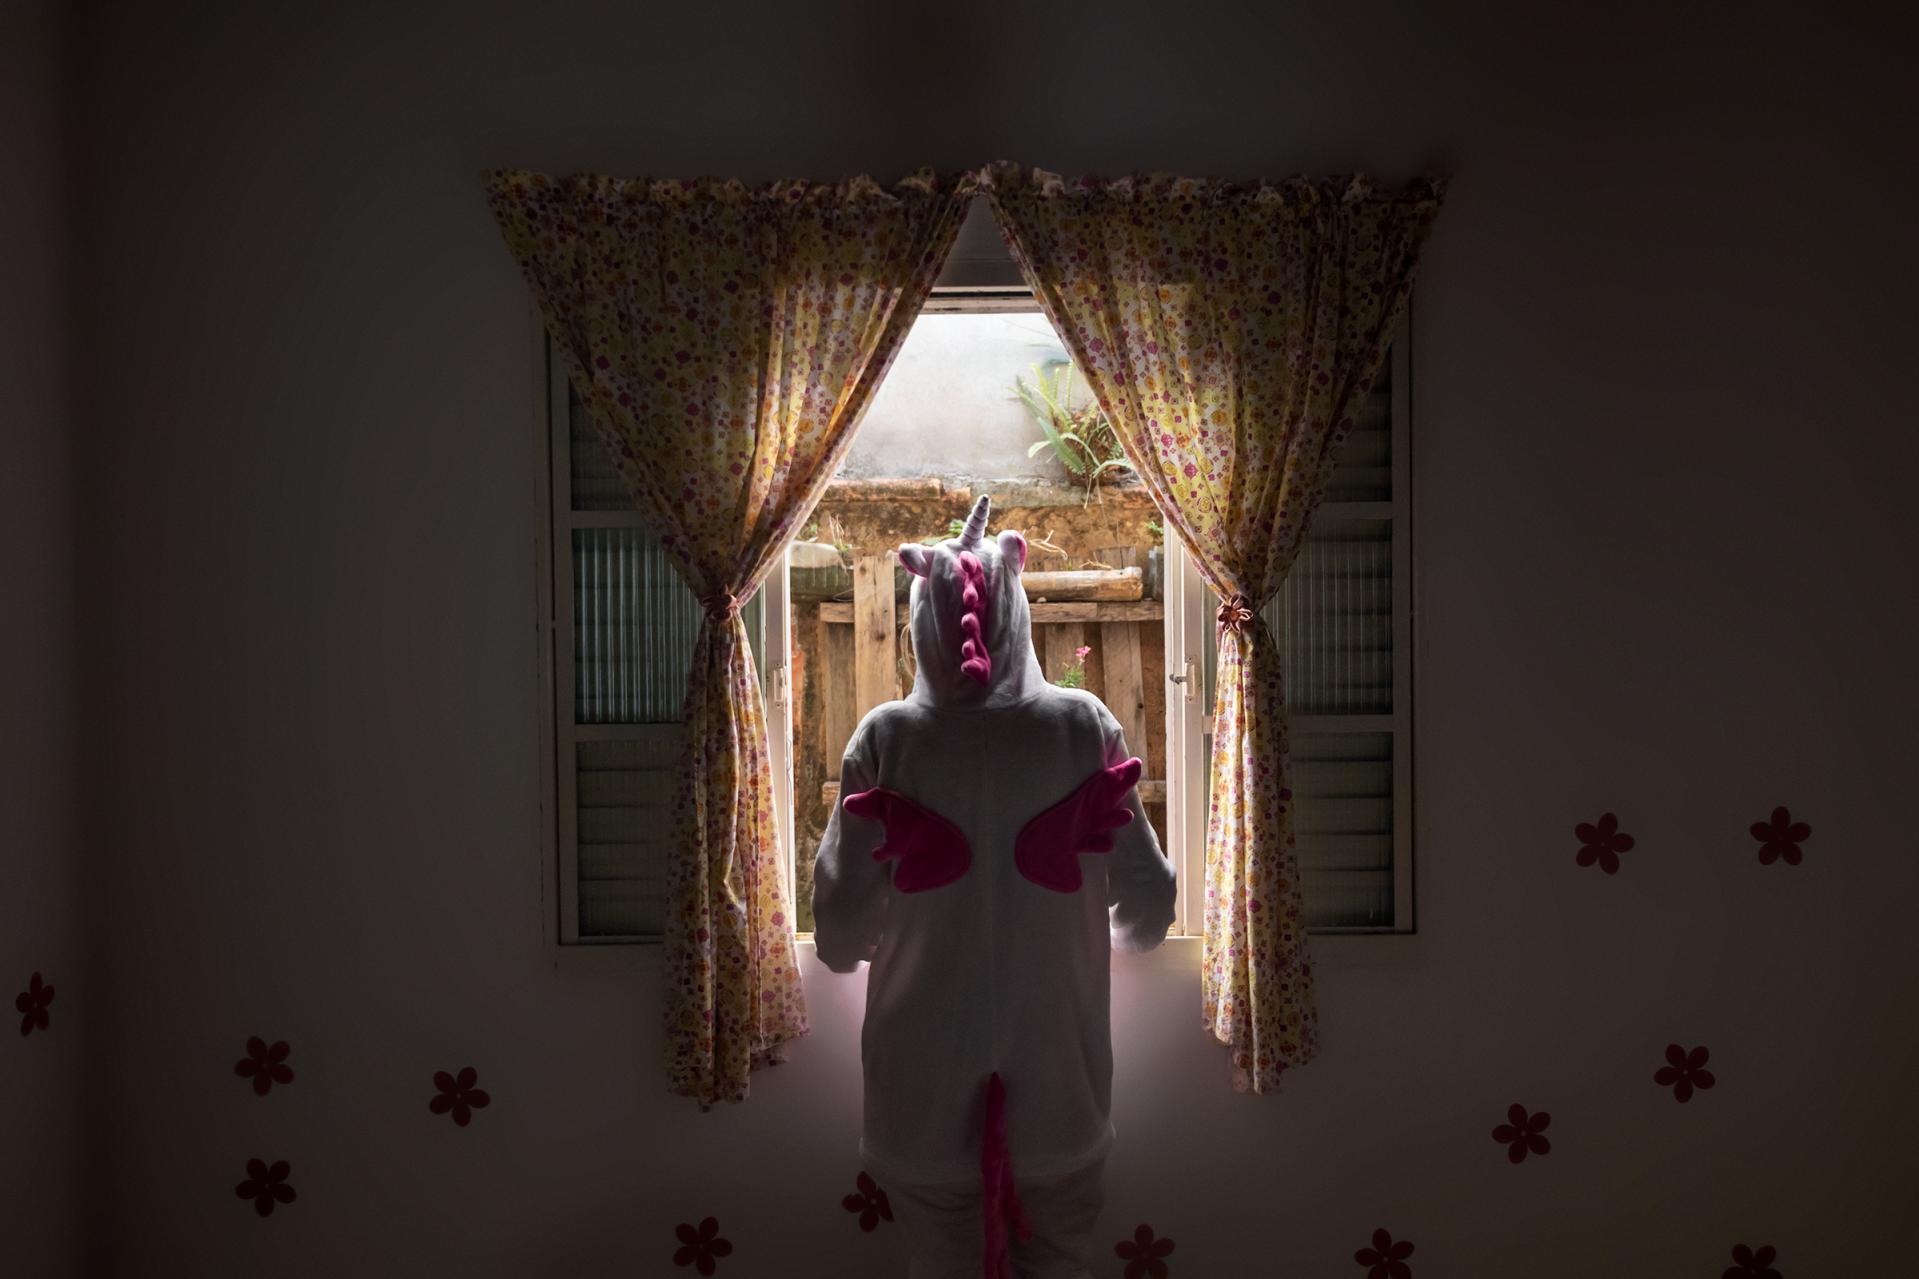 """Ariel Abonizio, Unicorn Dreams, 2019, Inkjet print, 29"""" x 36"""""""